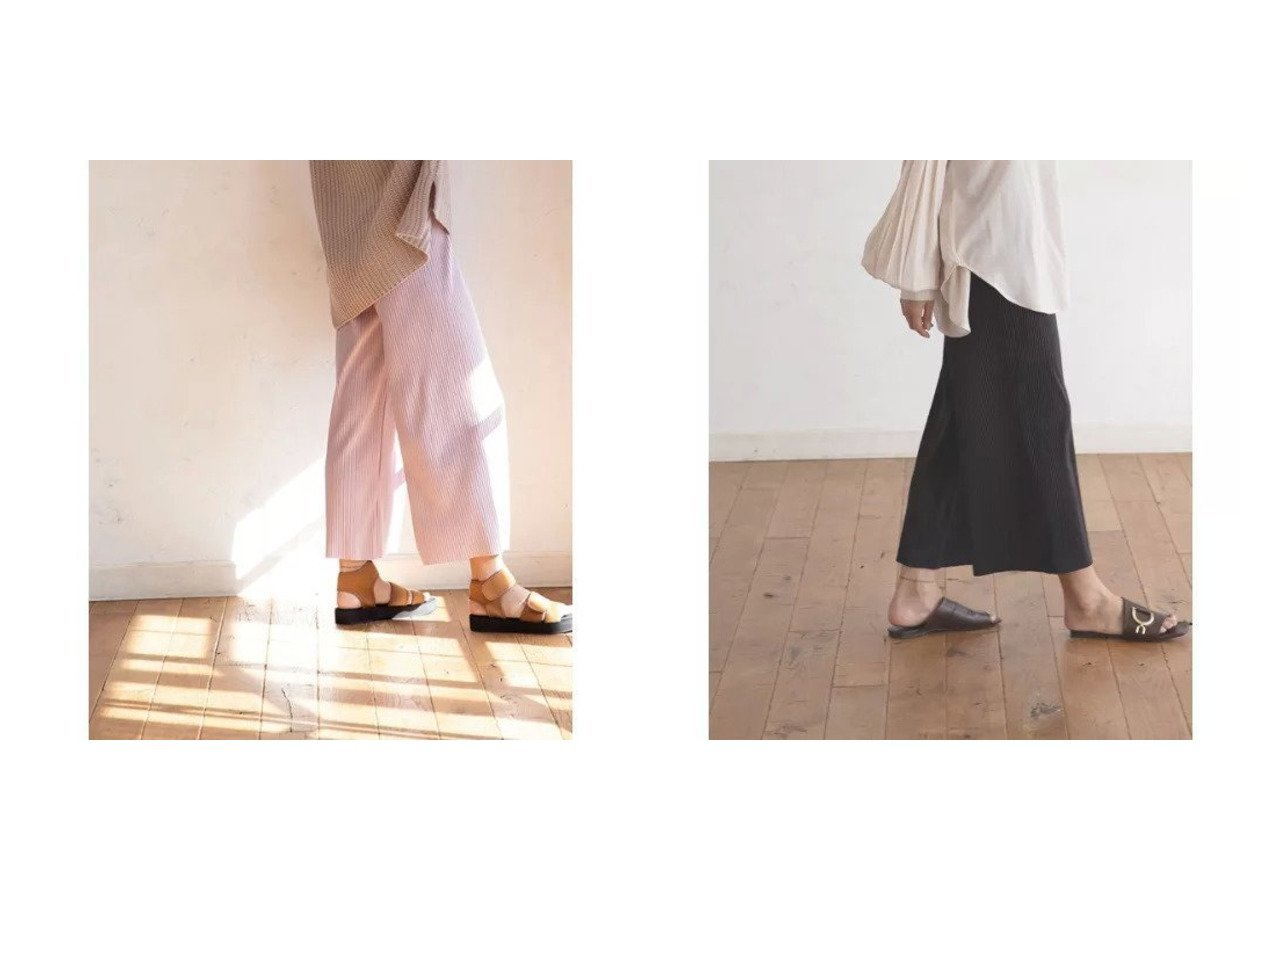 【marjour/マージュール】のRELAX CORDUROY PANTS パンツのおすすめ!人気、トレンド・レディースファッションの通販 おすすめで人気の流行・トレンド、ファッションの通販商品 メンズファッション・キッズファッション・インテリア・家具・レディースファッション・服の通販 founy(ファニー) https://founy.com/ ファッション Fashion レディースファッション WOMEN パンツ Pants 春 Spring クール コーデュロイ ダウン 定番 Standard ベーシック ラベンダー リラックス ルーズ ワイド お家時間・ステイホーム Home time,Stay home |ID:crp329100000022375